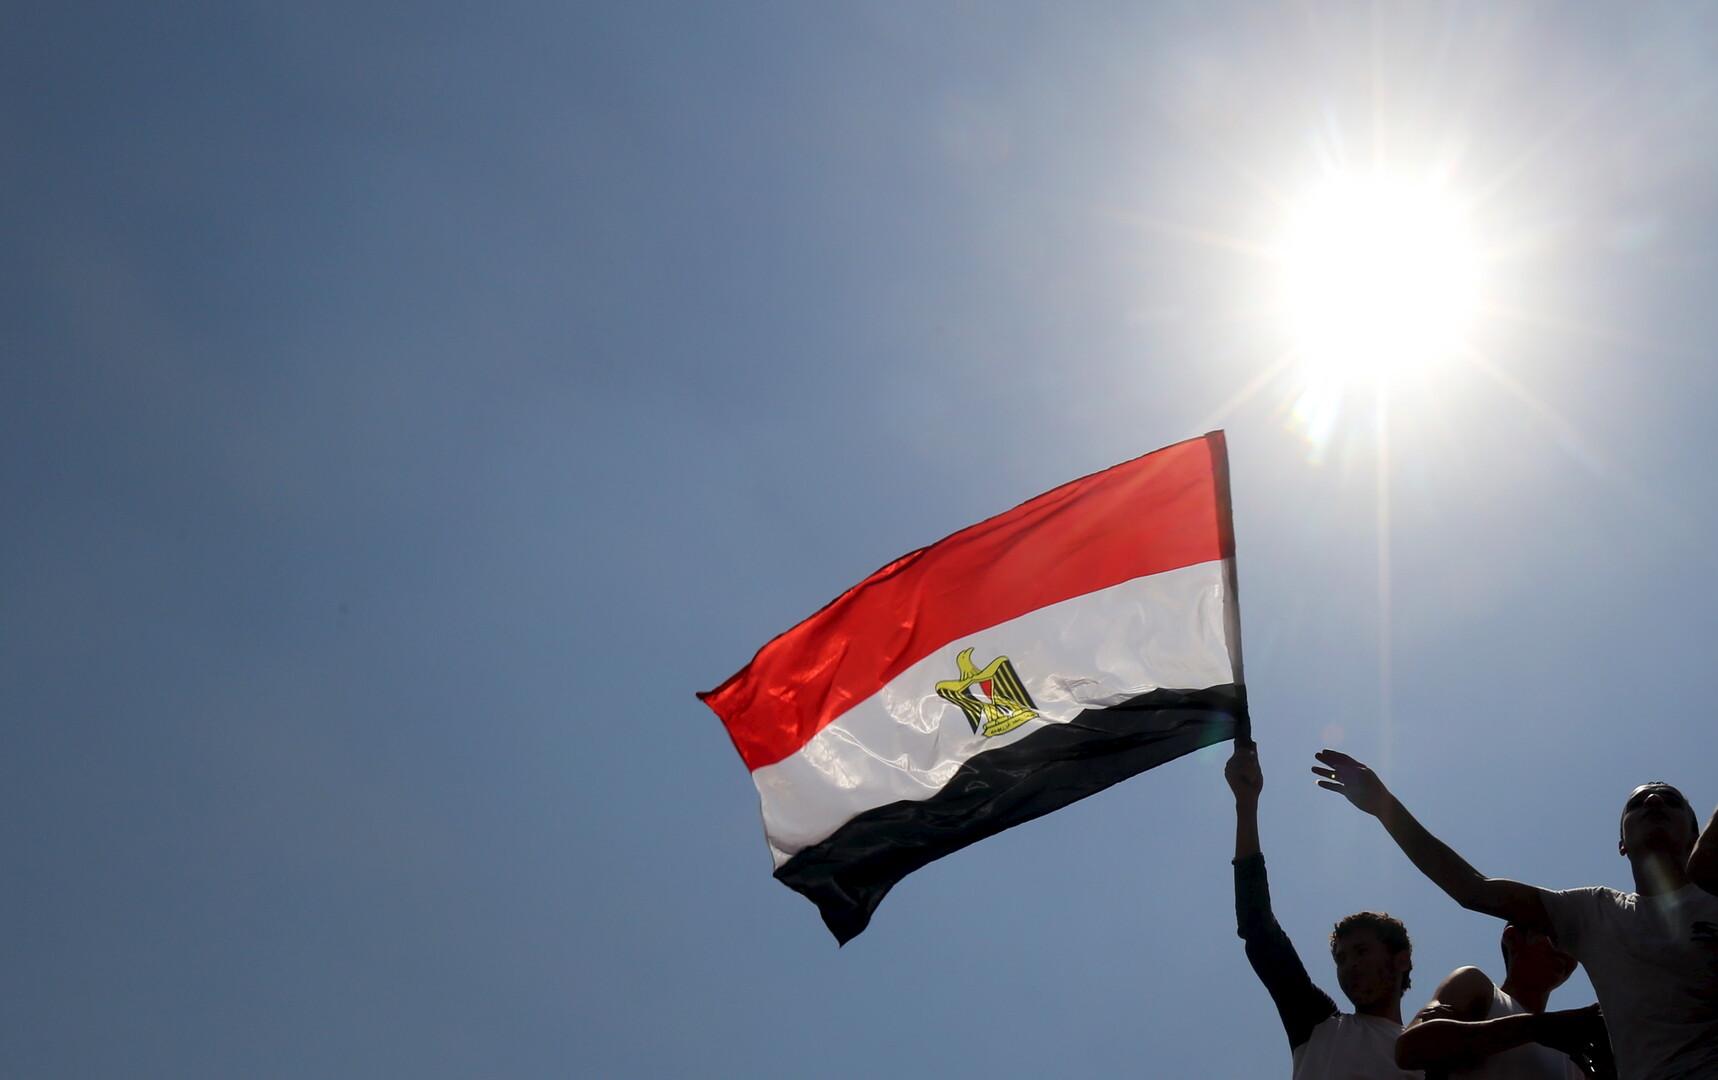 مصدر مصري مسؤول لـ RT: العملية العسكرية التركية في سوريا تصرف خارج نطاق الشرعية الدولية